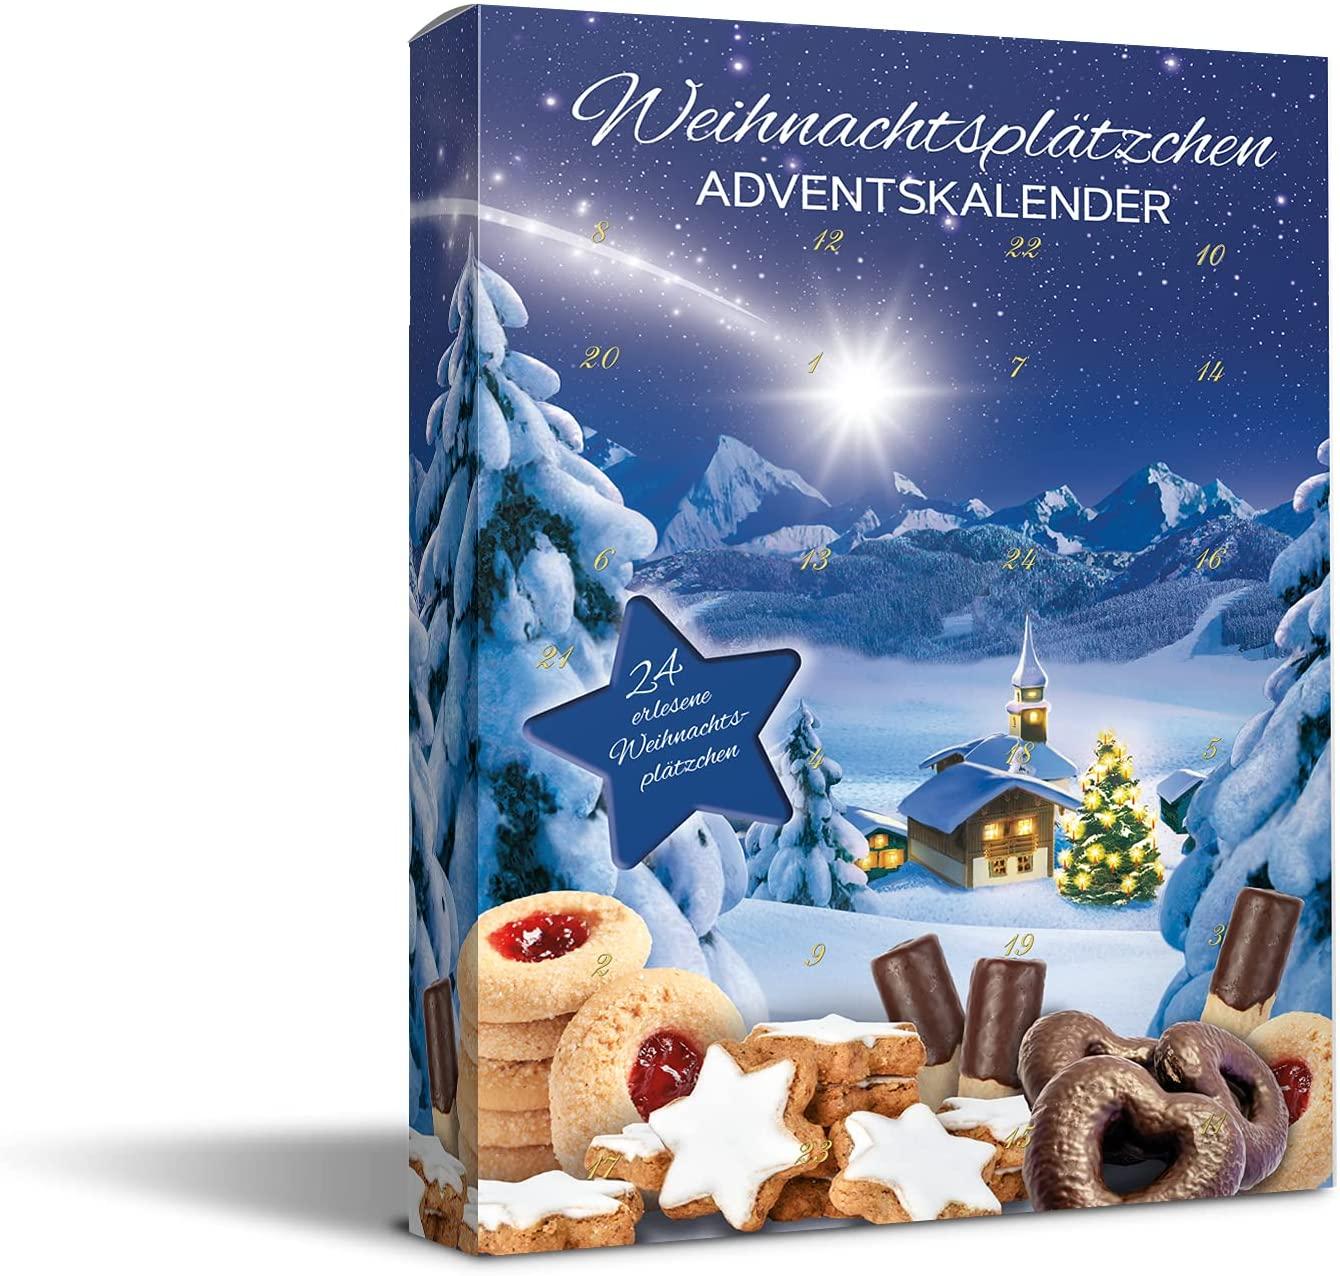 Weihnachtsgebäck Adventskalender